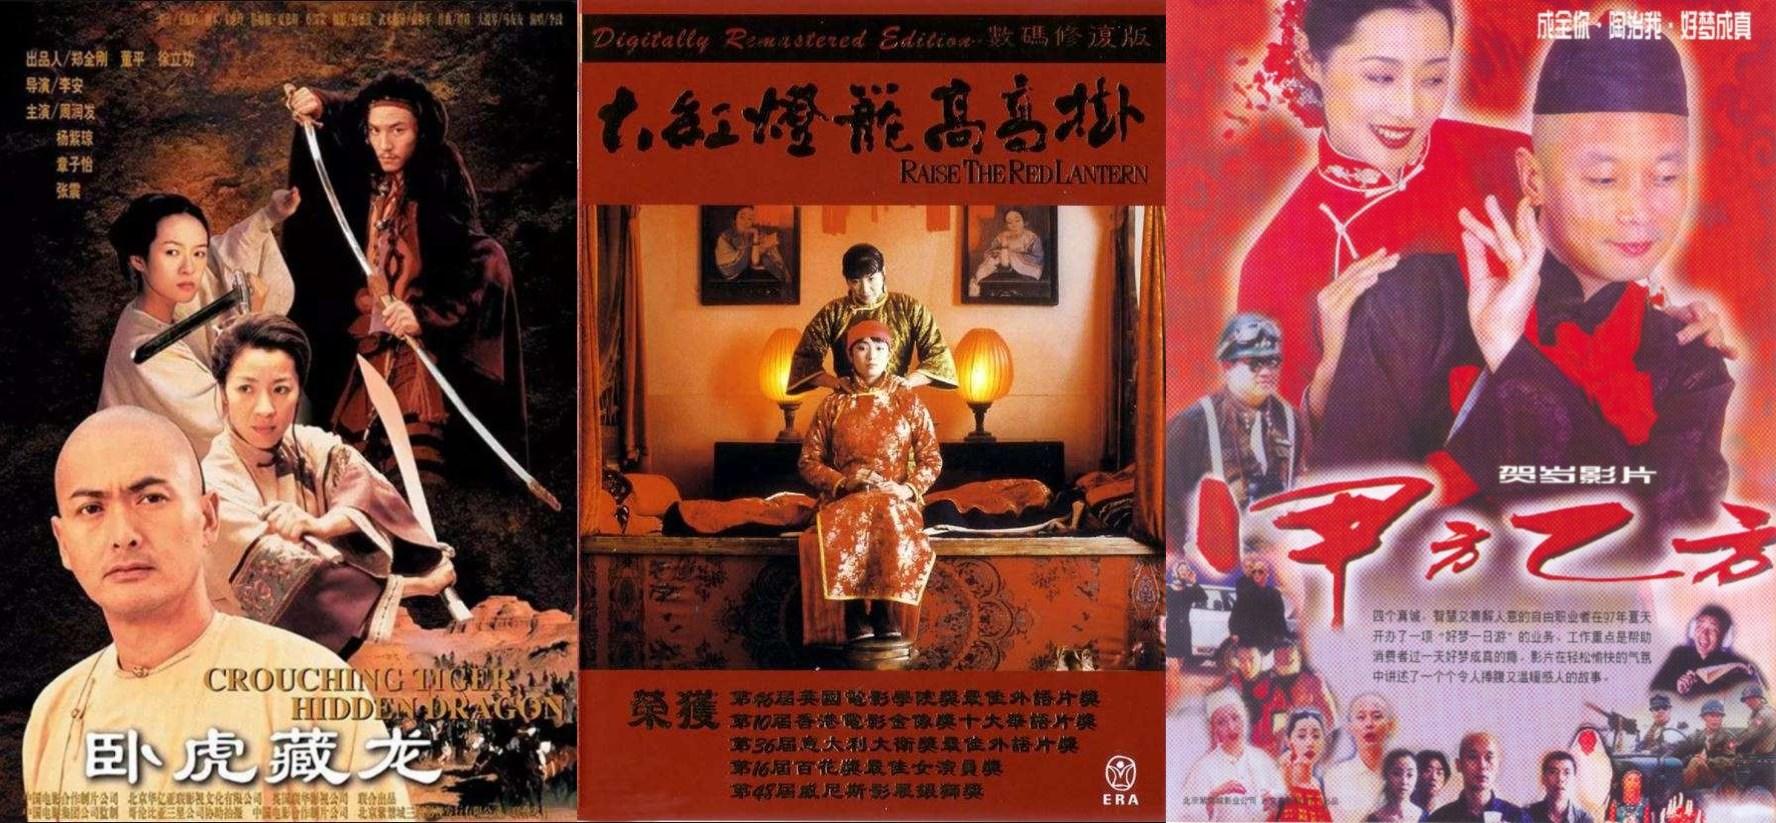 《卧虎藏龙》《大红灯笼高高挂》《甲方乙方》海报,组委会提供 总有一张海报会勾起你的电影往事。6月12日至25日,永远的画面改革开放40周年电影海报展将在上海展览中心、上海影城、上海银星皇冠假日酒店举办。206张精美的电影海报,是人们洞悉改革开放发展生动而又趣味的切口,亦凝聚着电影人的匠人匠心。 选择那些美誉度高、影响力大、开一代风气之先的作品 海报展分为传承、荣耀、开拓、绽放、步伐、奋进、新时代新起点七大板块。改革开放40年来,走上中国银幕的影片不计其数,如何从浩如烟海的作品中挑出近180部?